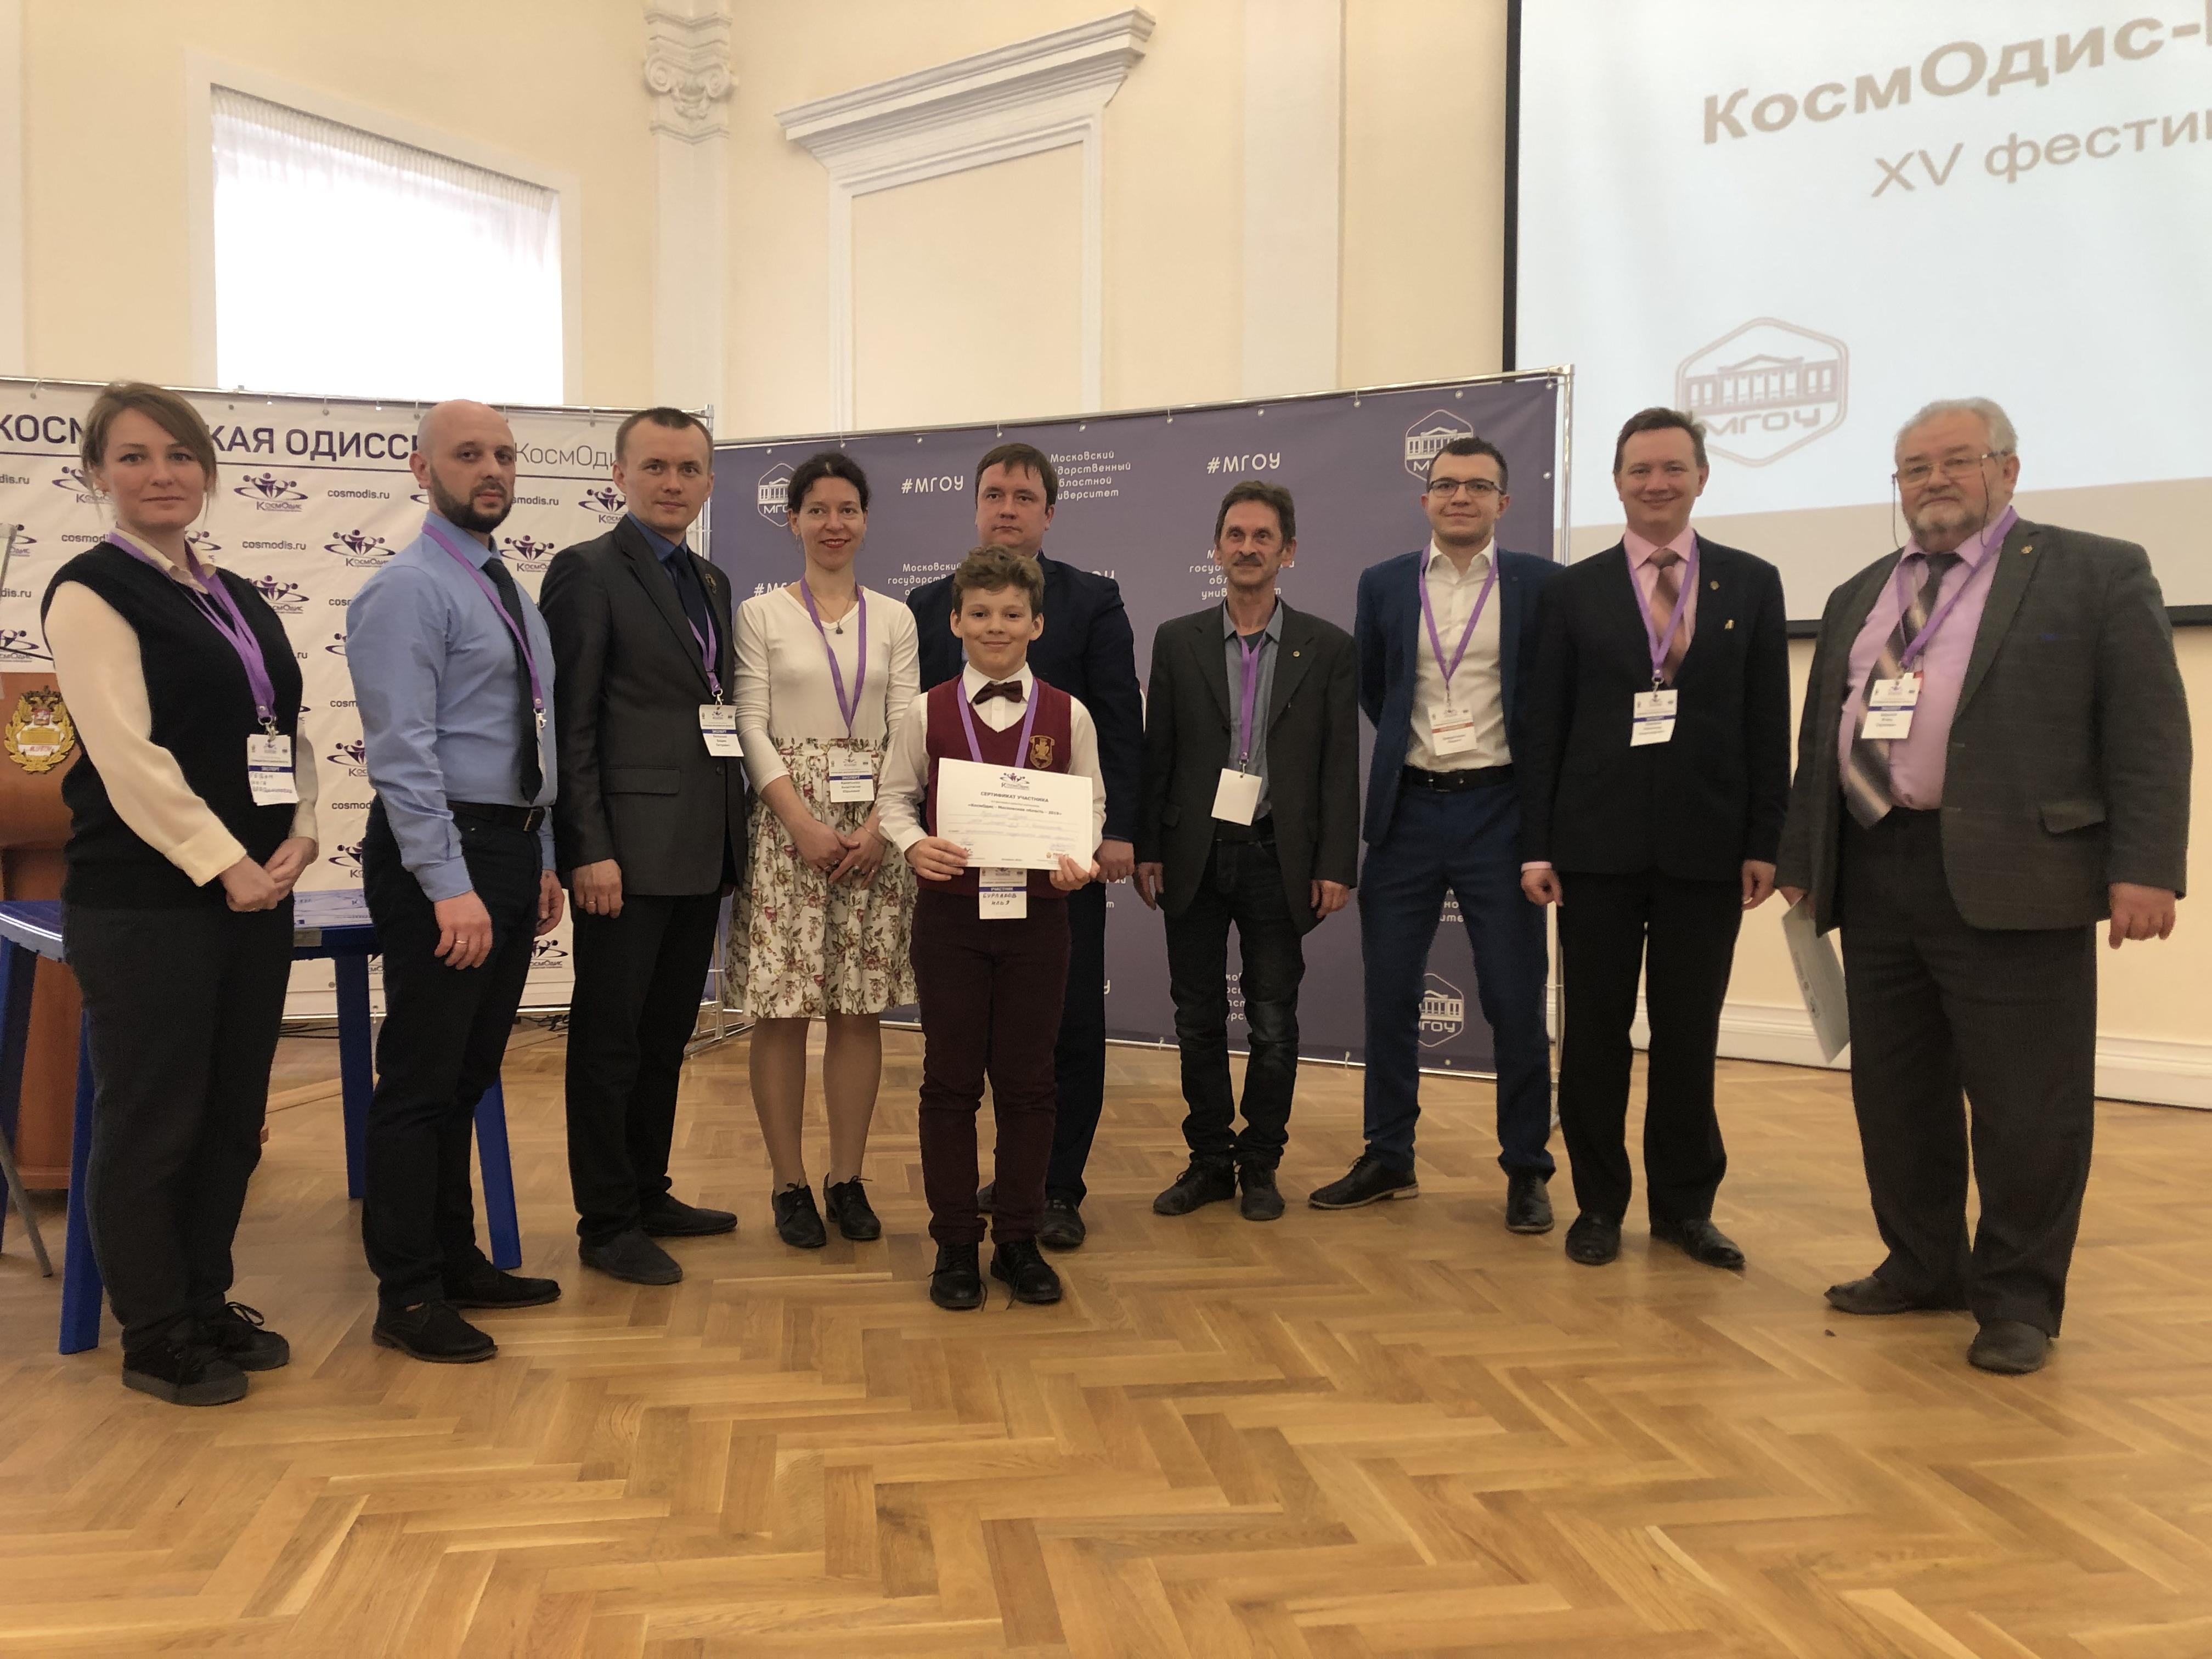 Команда жюри фестиваля